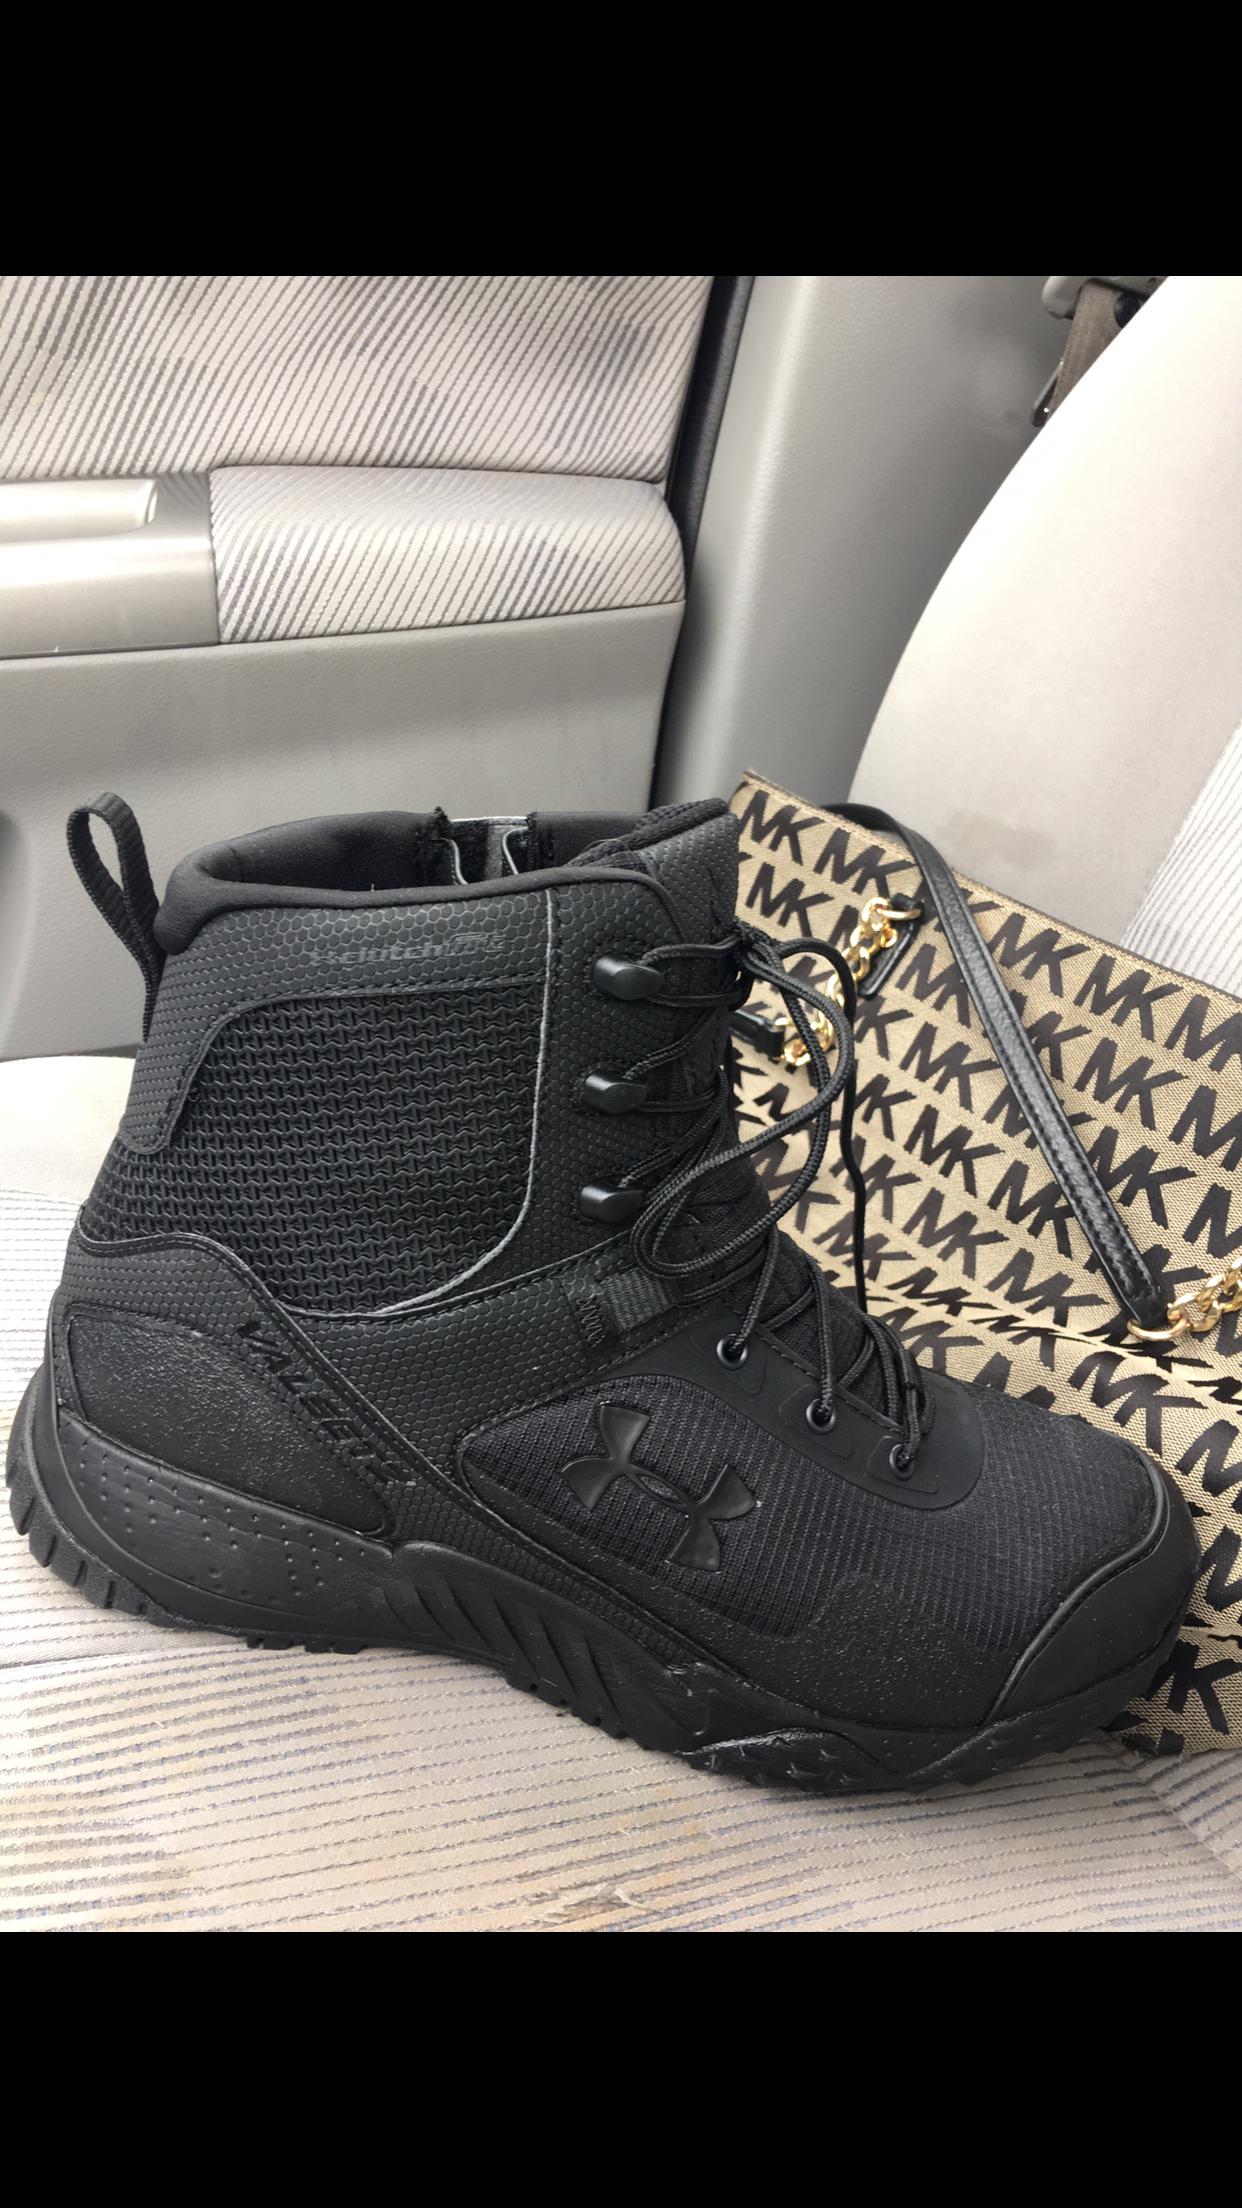 New Kicks For Work